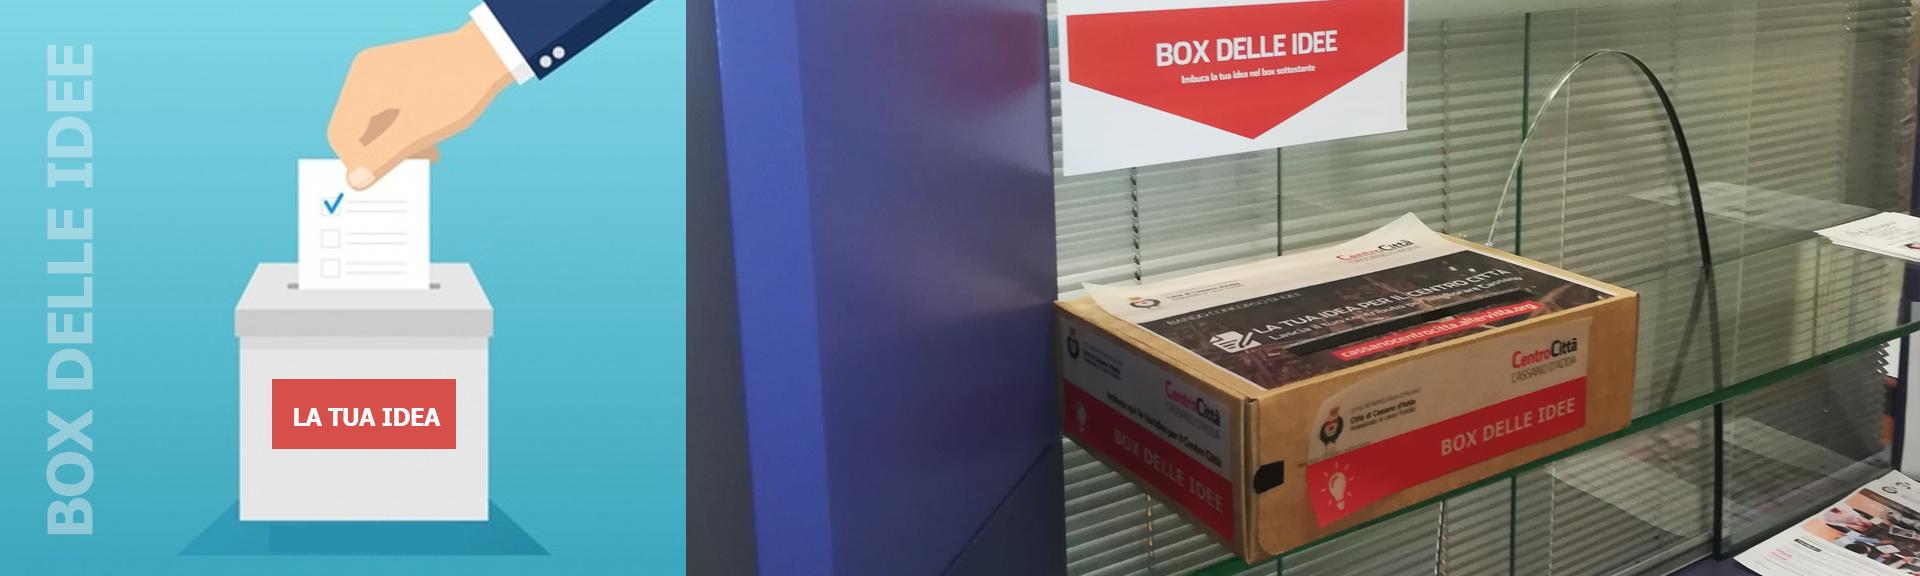 BOX DELLE IDEE